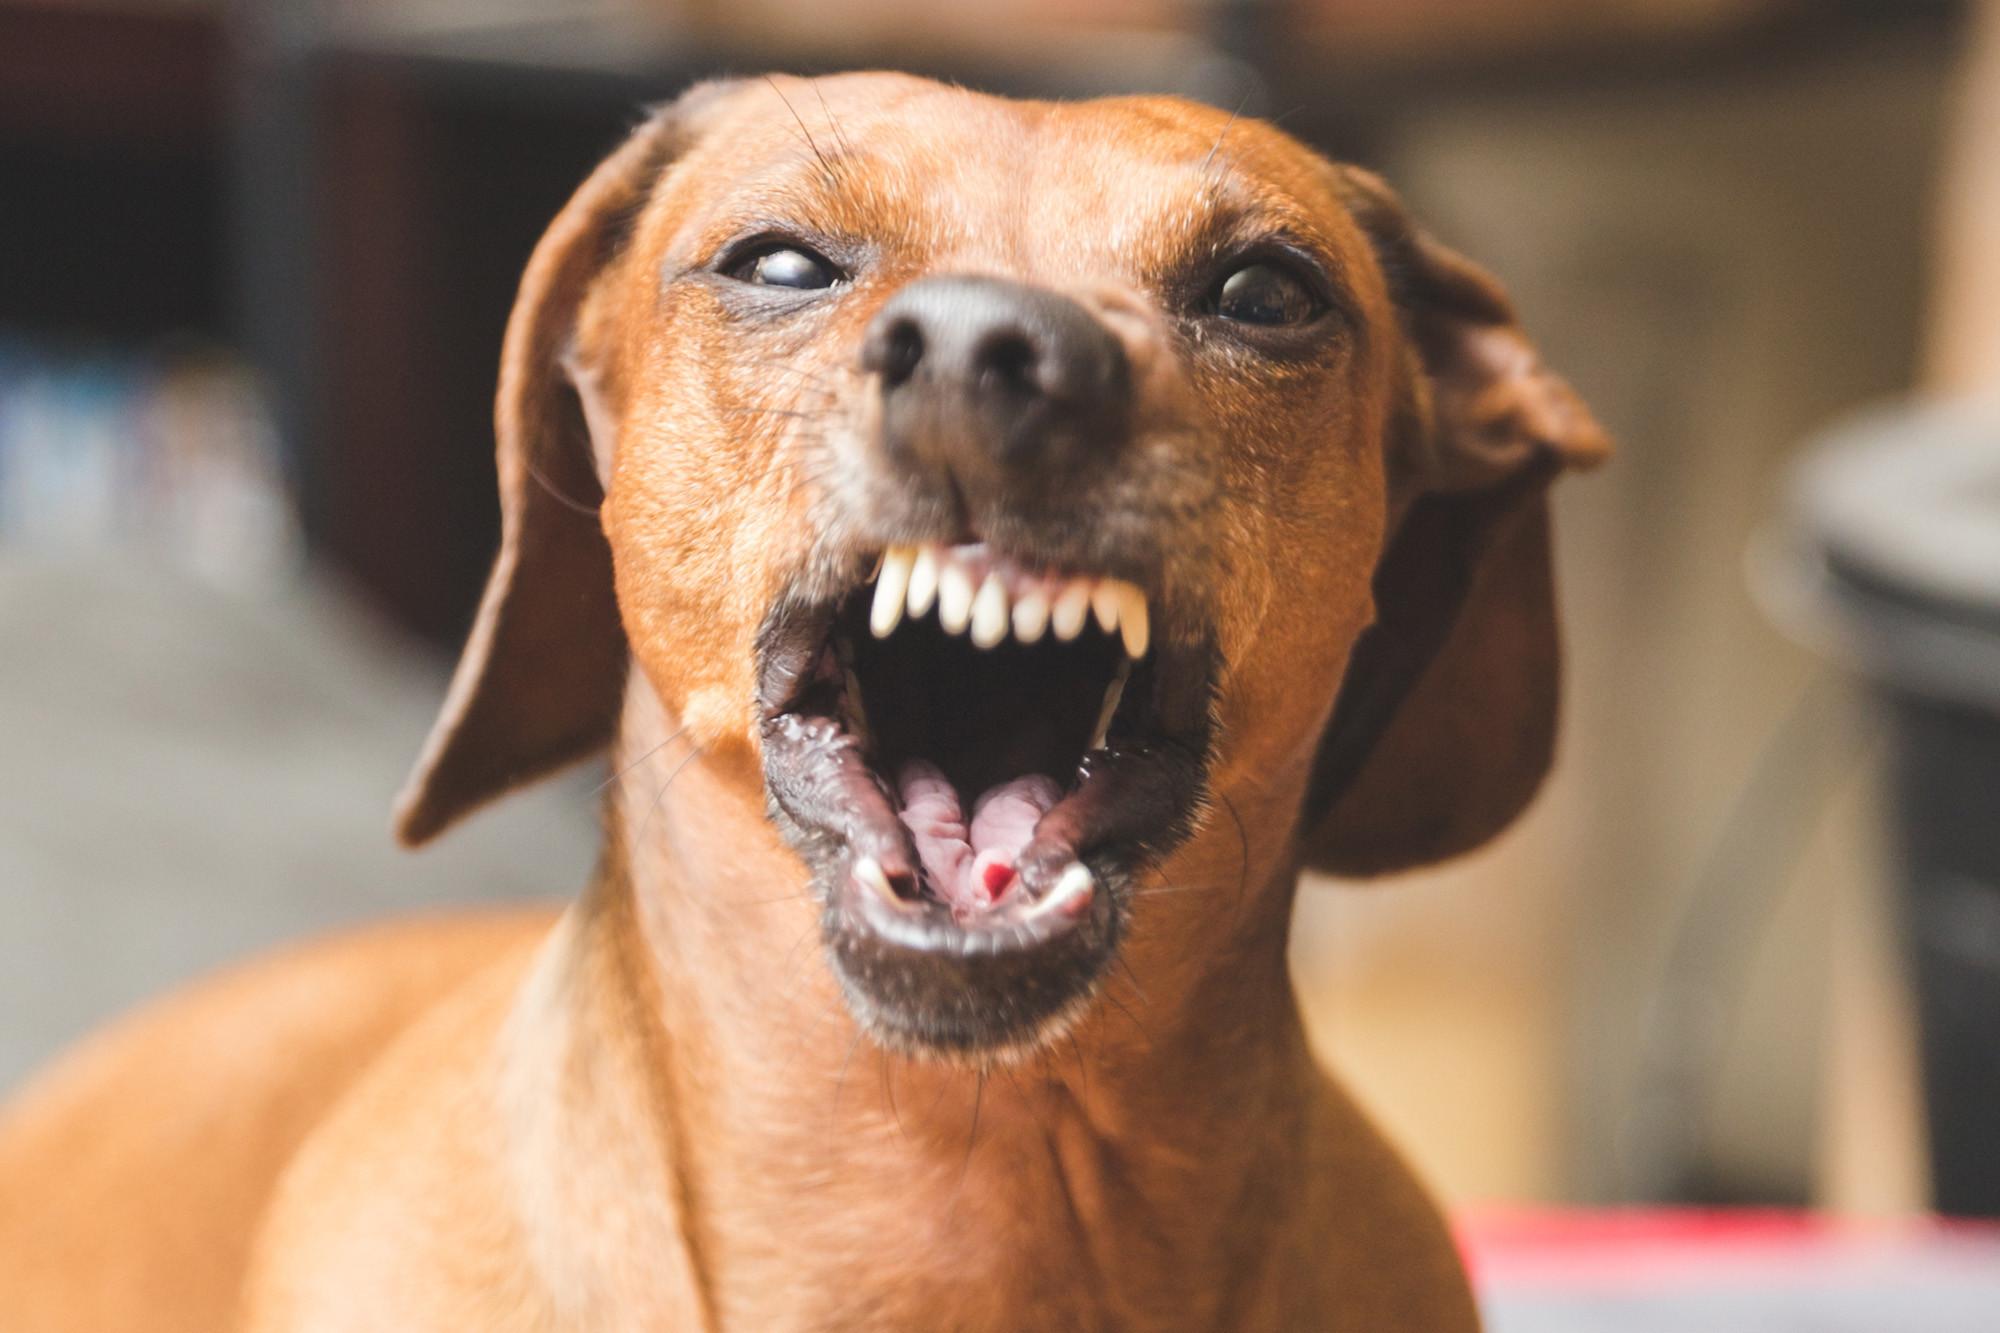 مقطع مصور لكلب وعلم الدولة يثيران غضبًا بالكويت ومطالبات بتدخل الداخلية (فيديو)